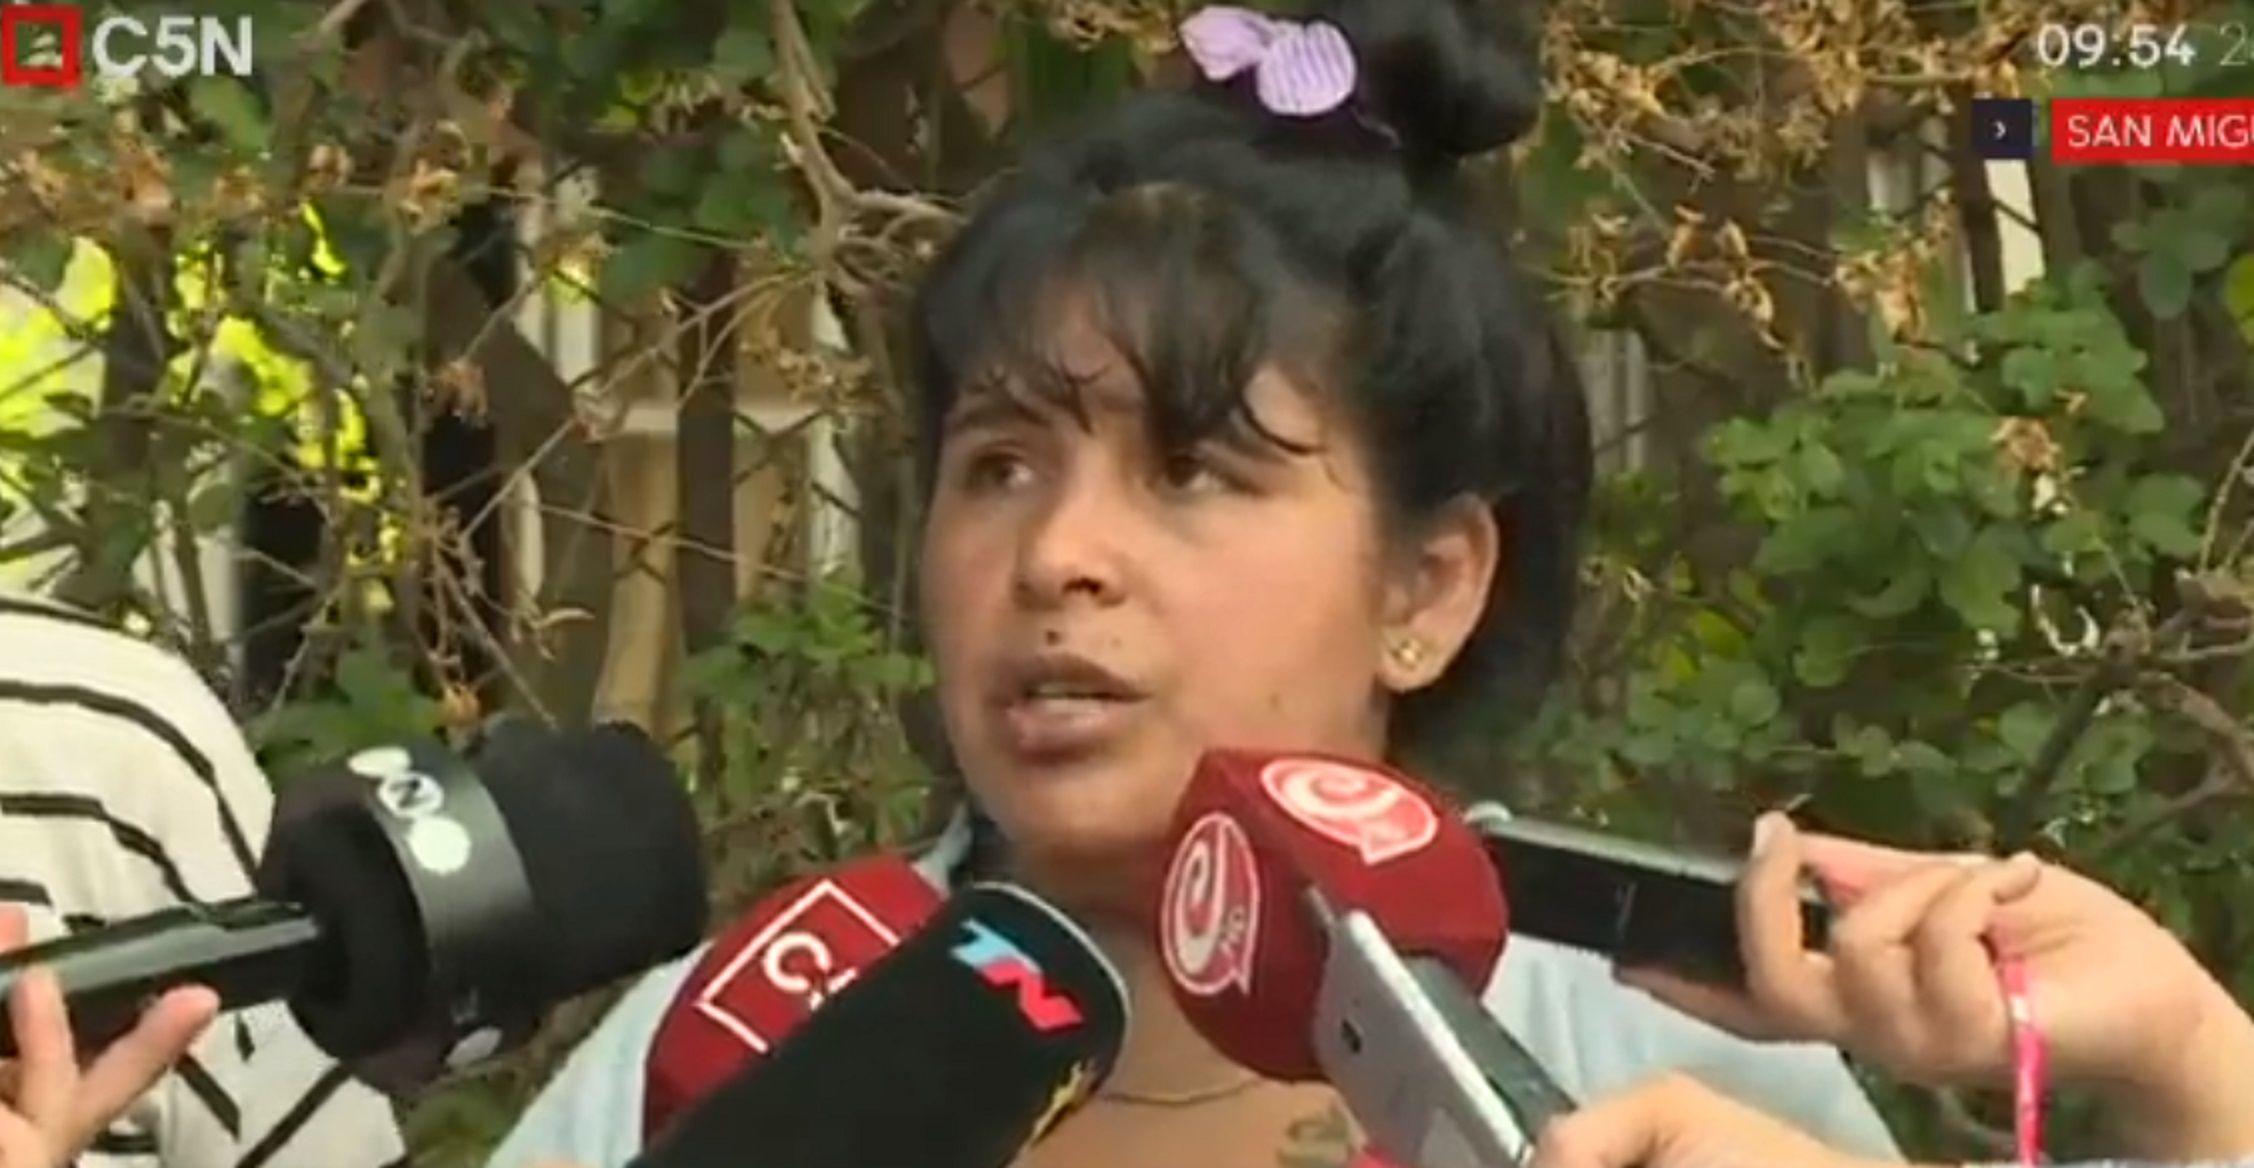 La mamá de Sheila culpó a su ex por la desaparición de la nena: Él se la llevó